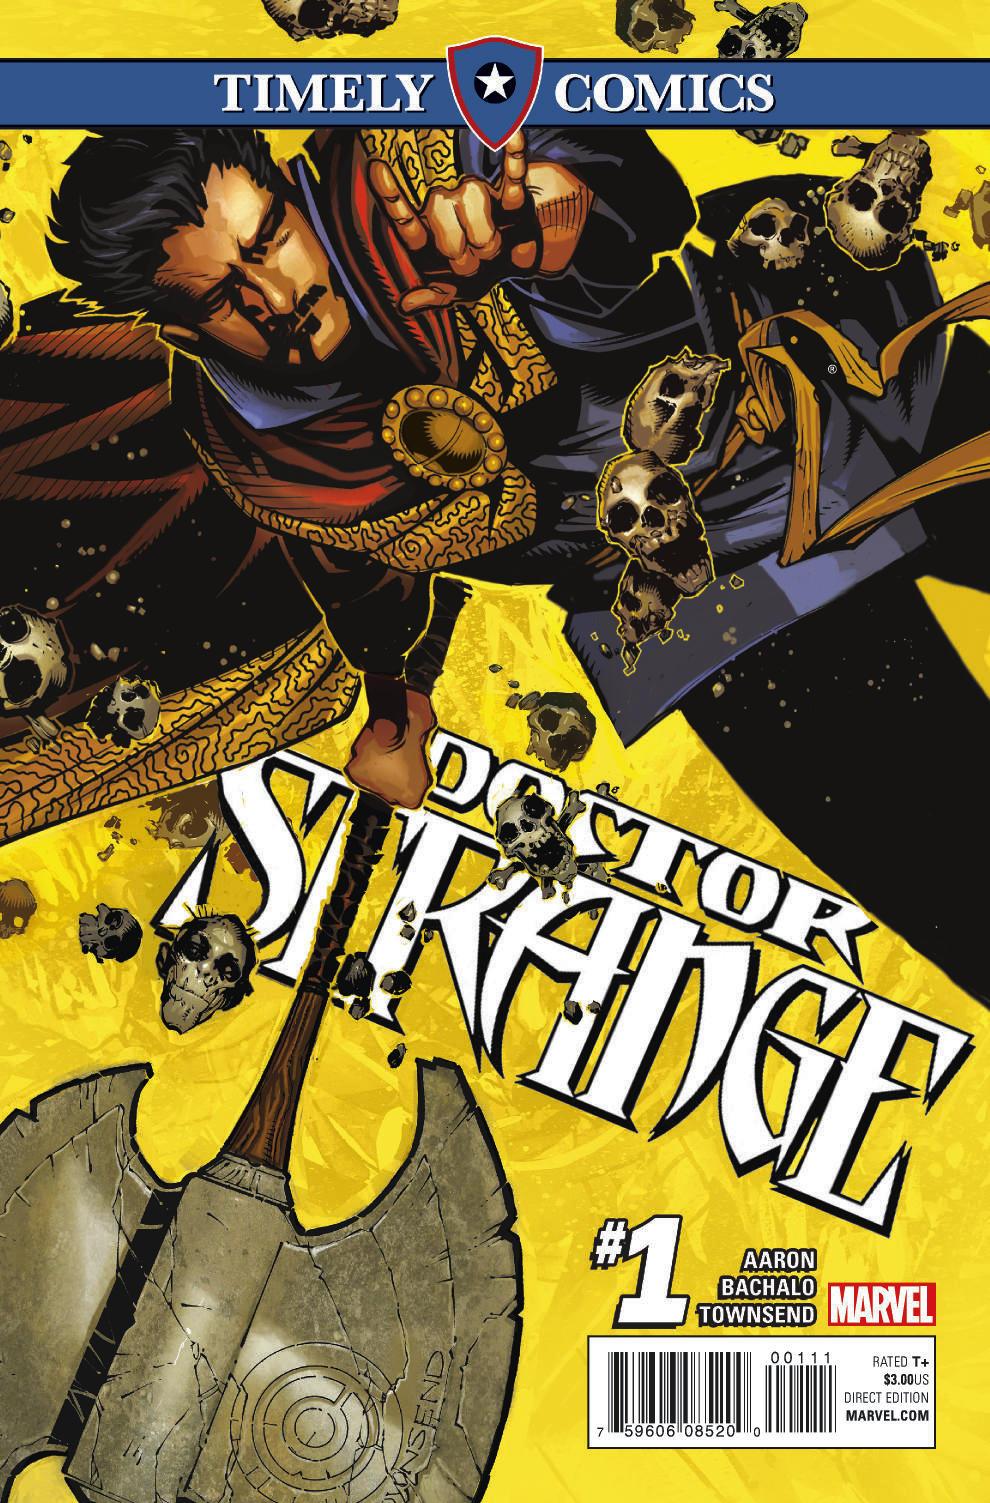 Timely Comics: Doctor Strange Vol 1